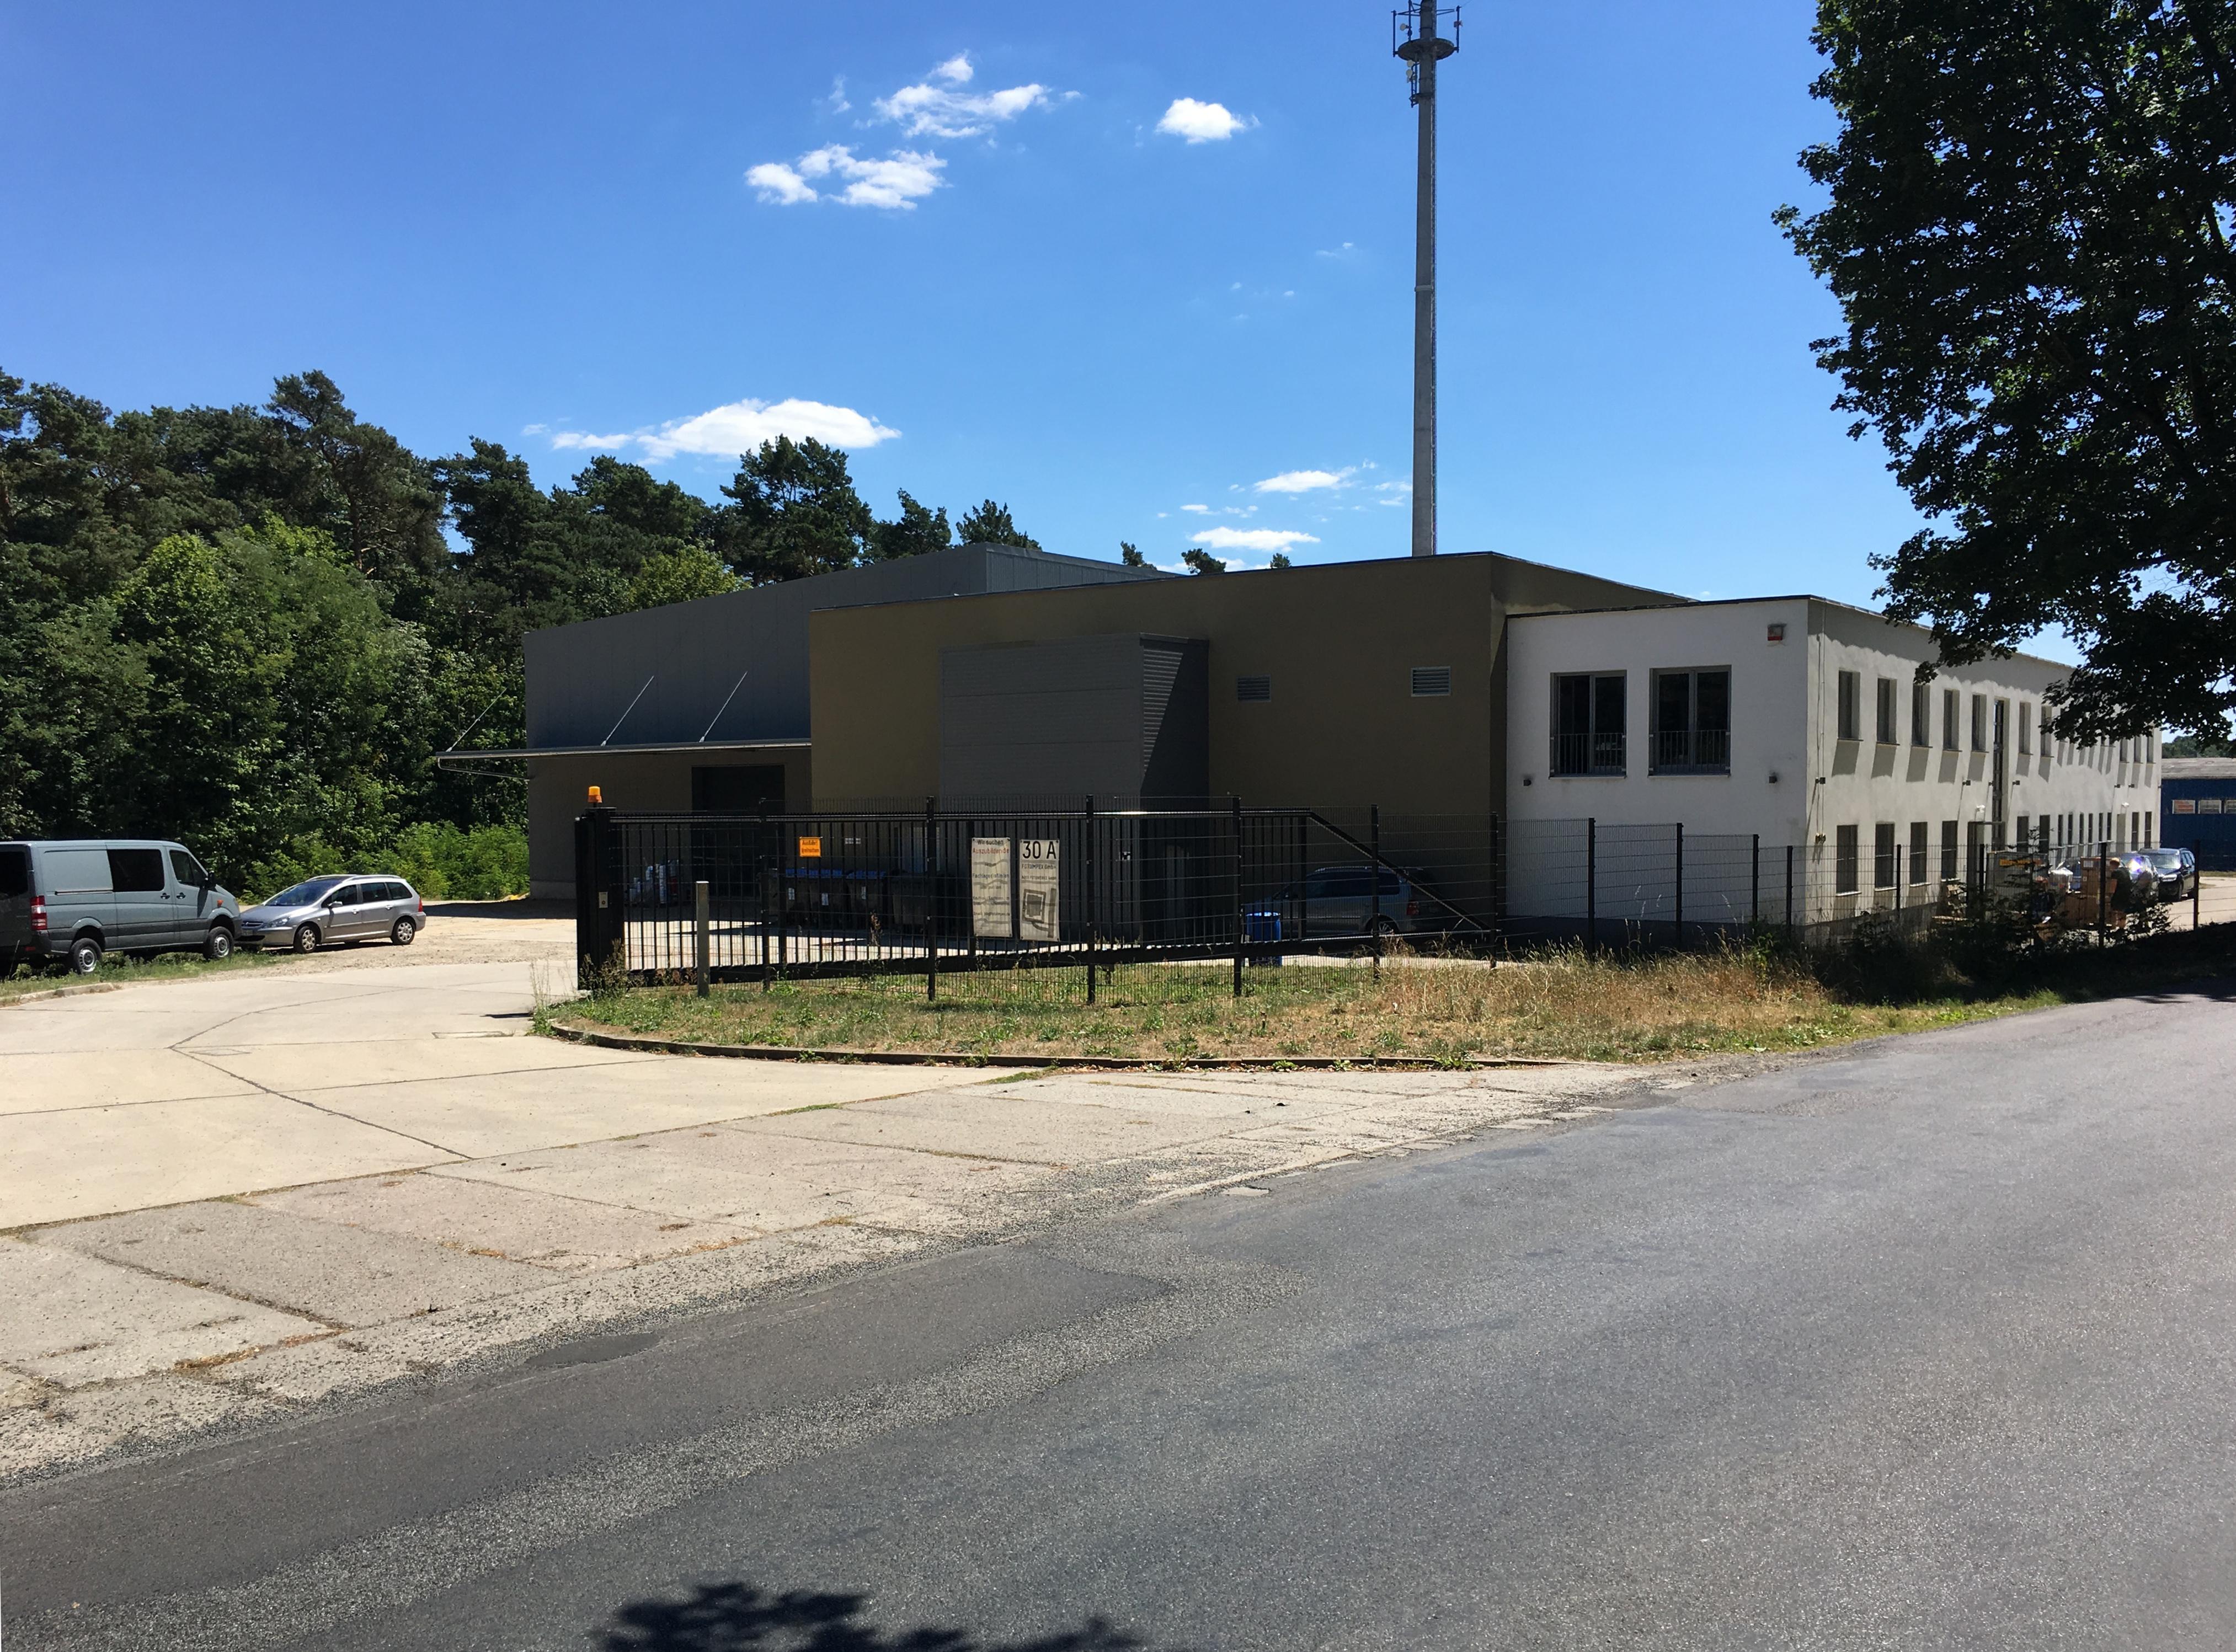 Bürogebäude, Lagerhalle, Produktion